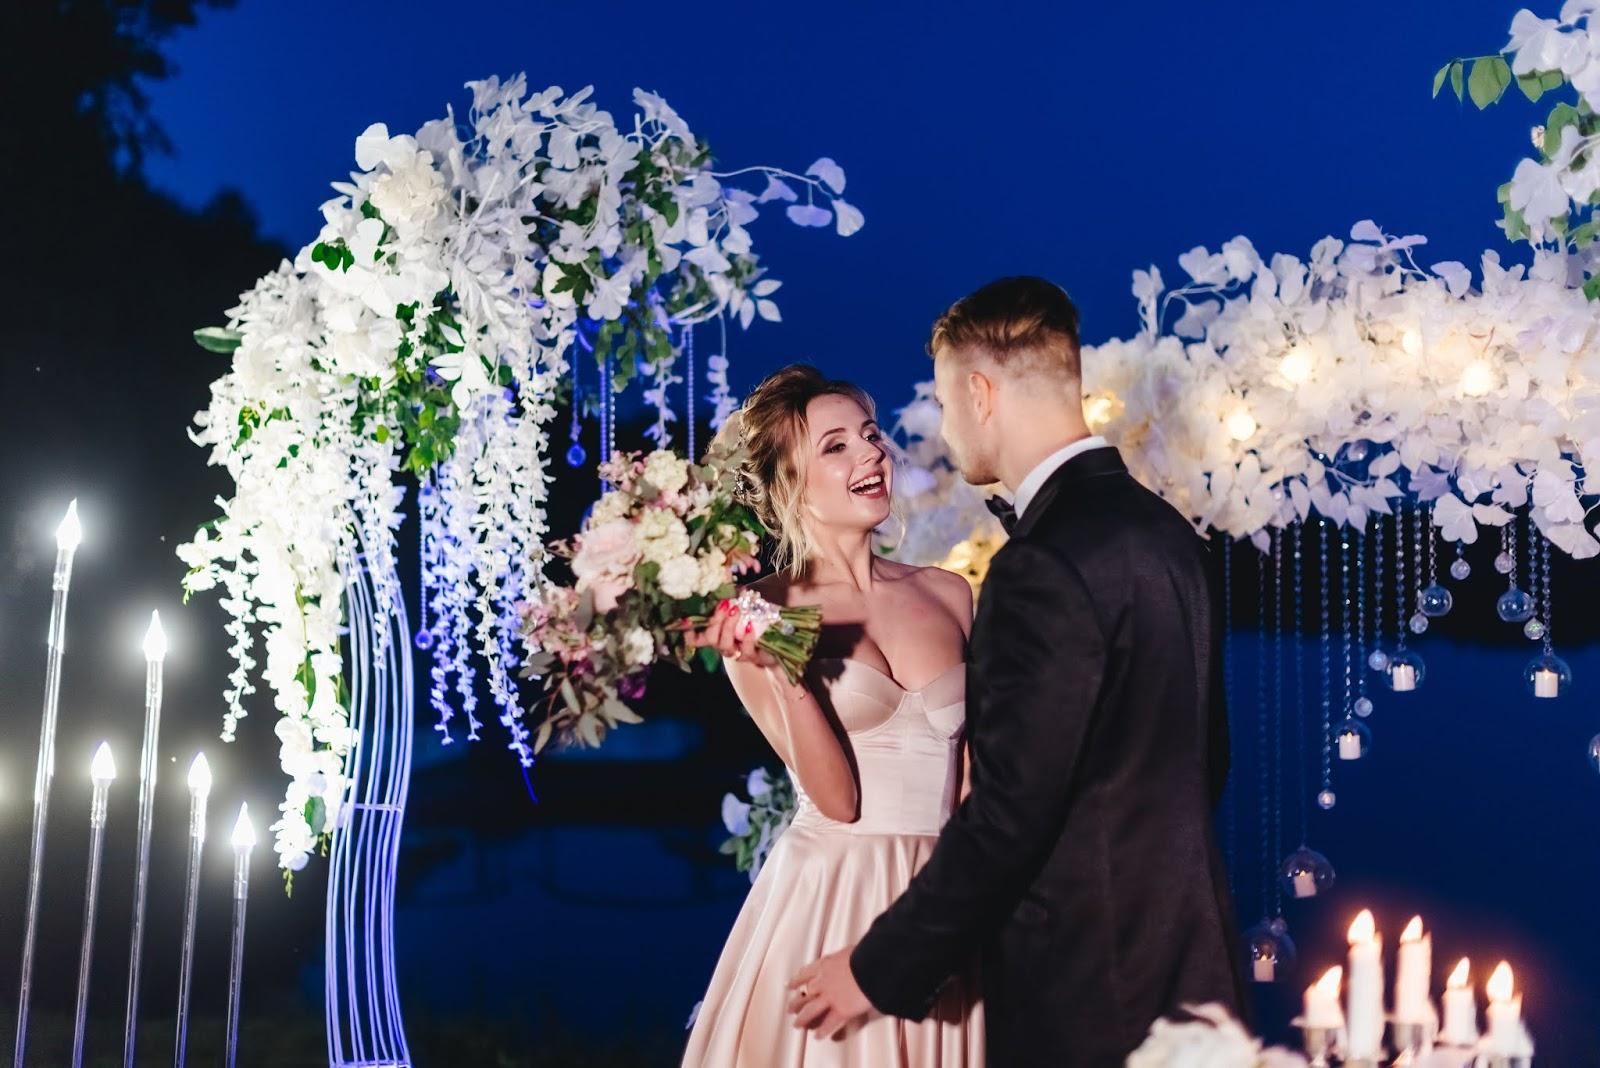 принципе, свадебные фотографы витебска нет